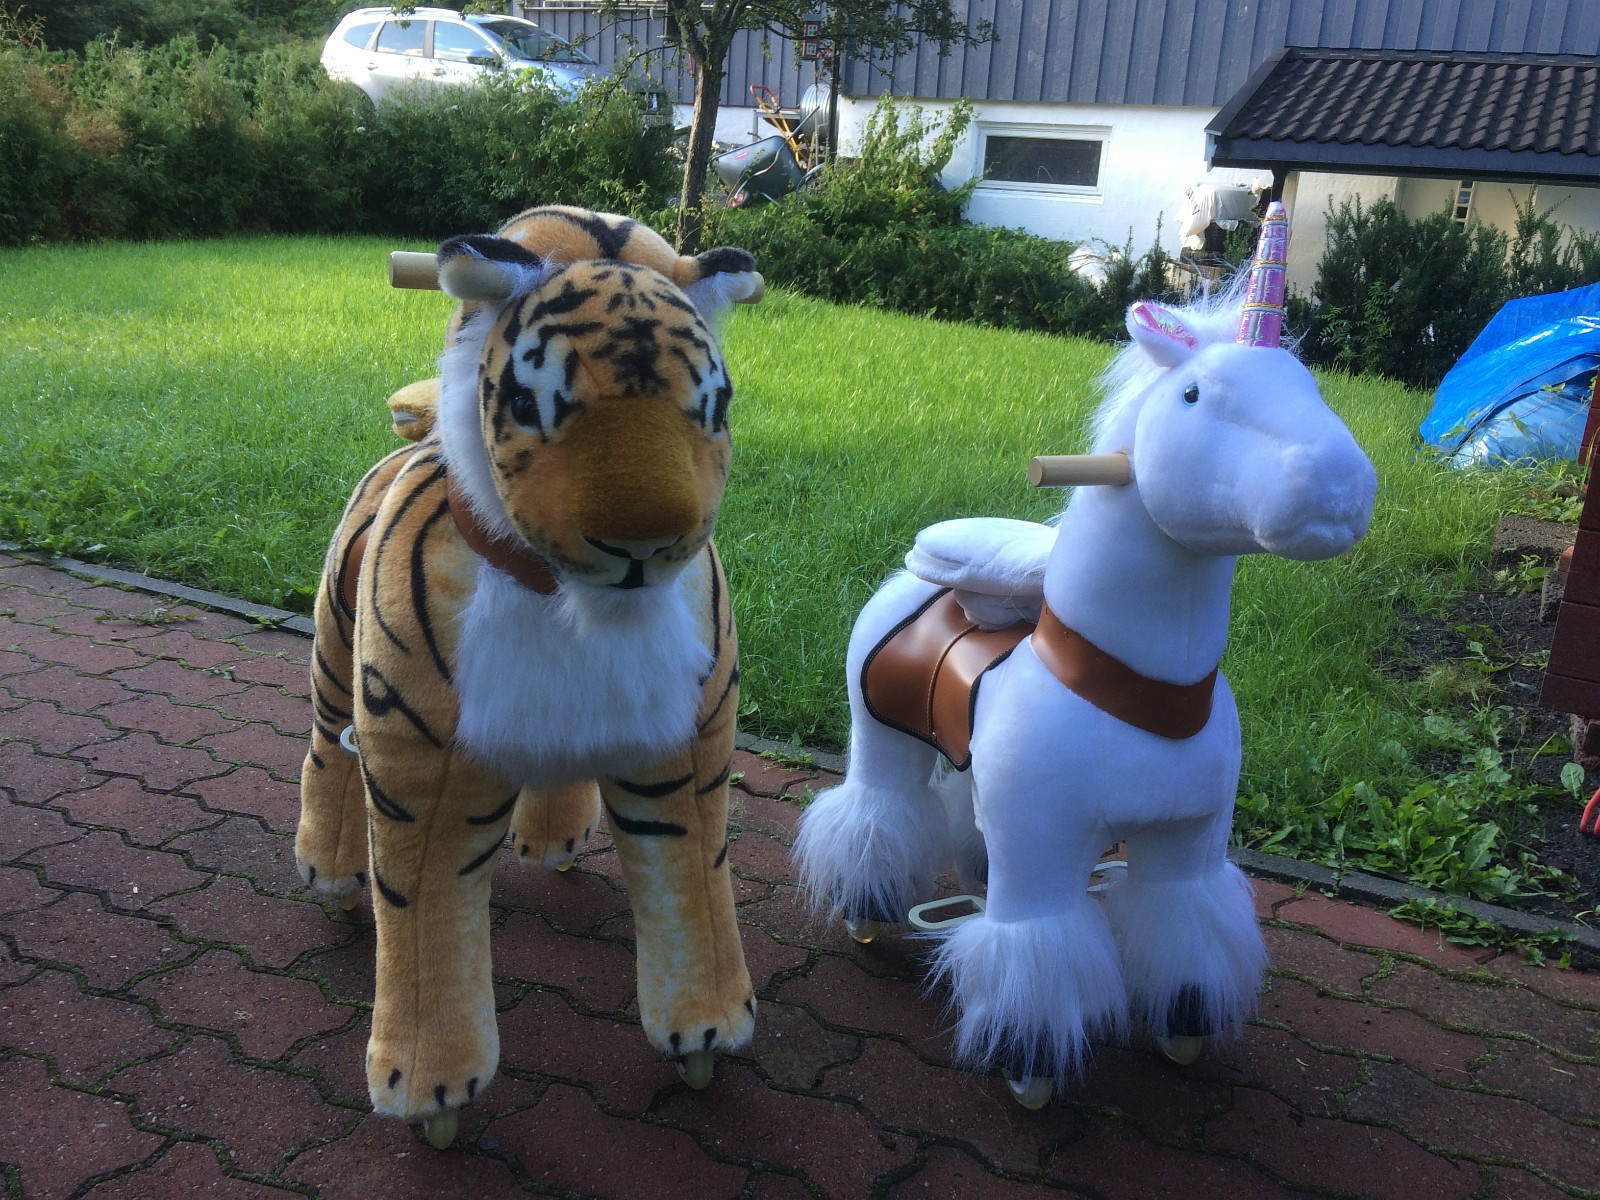 Pony - Jar  - Pony Cycle  Pony 2500 Nok Tiger 4000 Nok - Jar